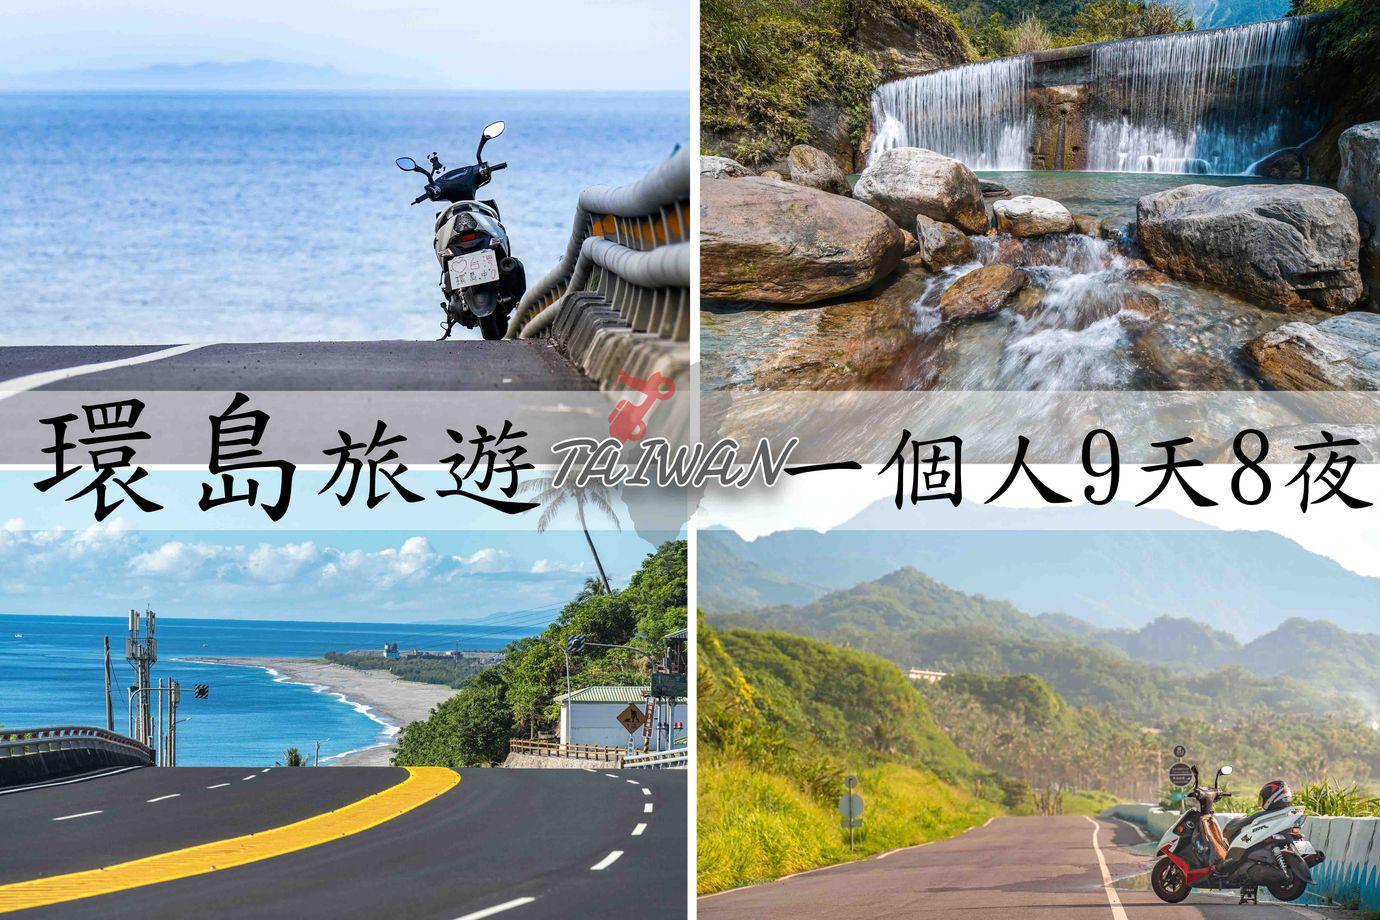 『台灣環島旅遊』 一個人騎著機車說走就走的9天8夜,環島景點、住宿分享